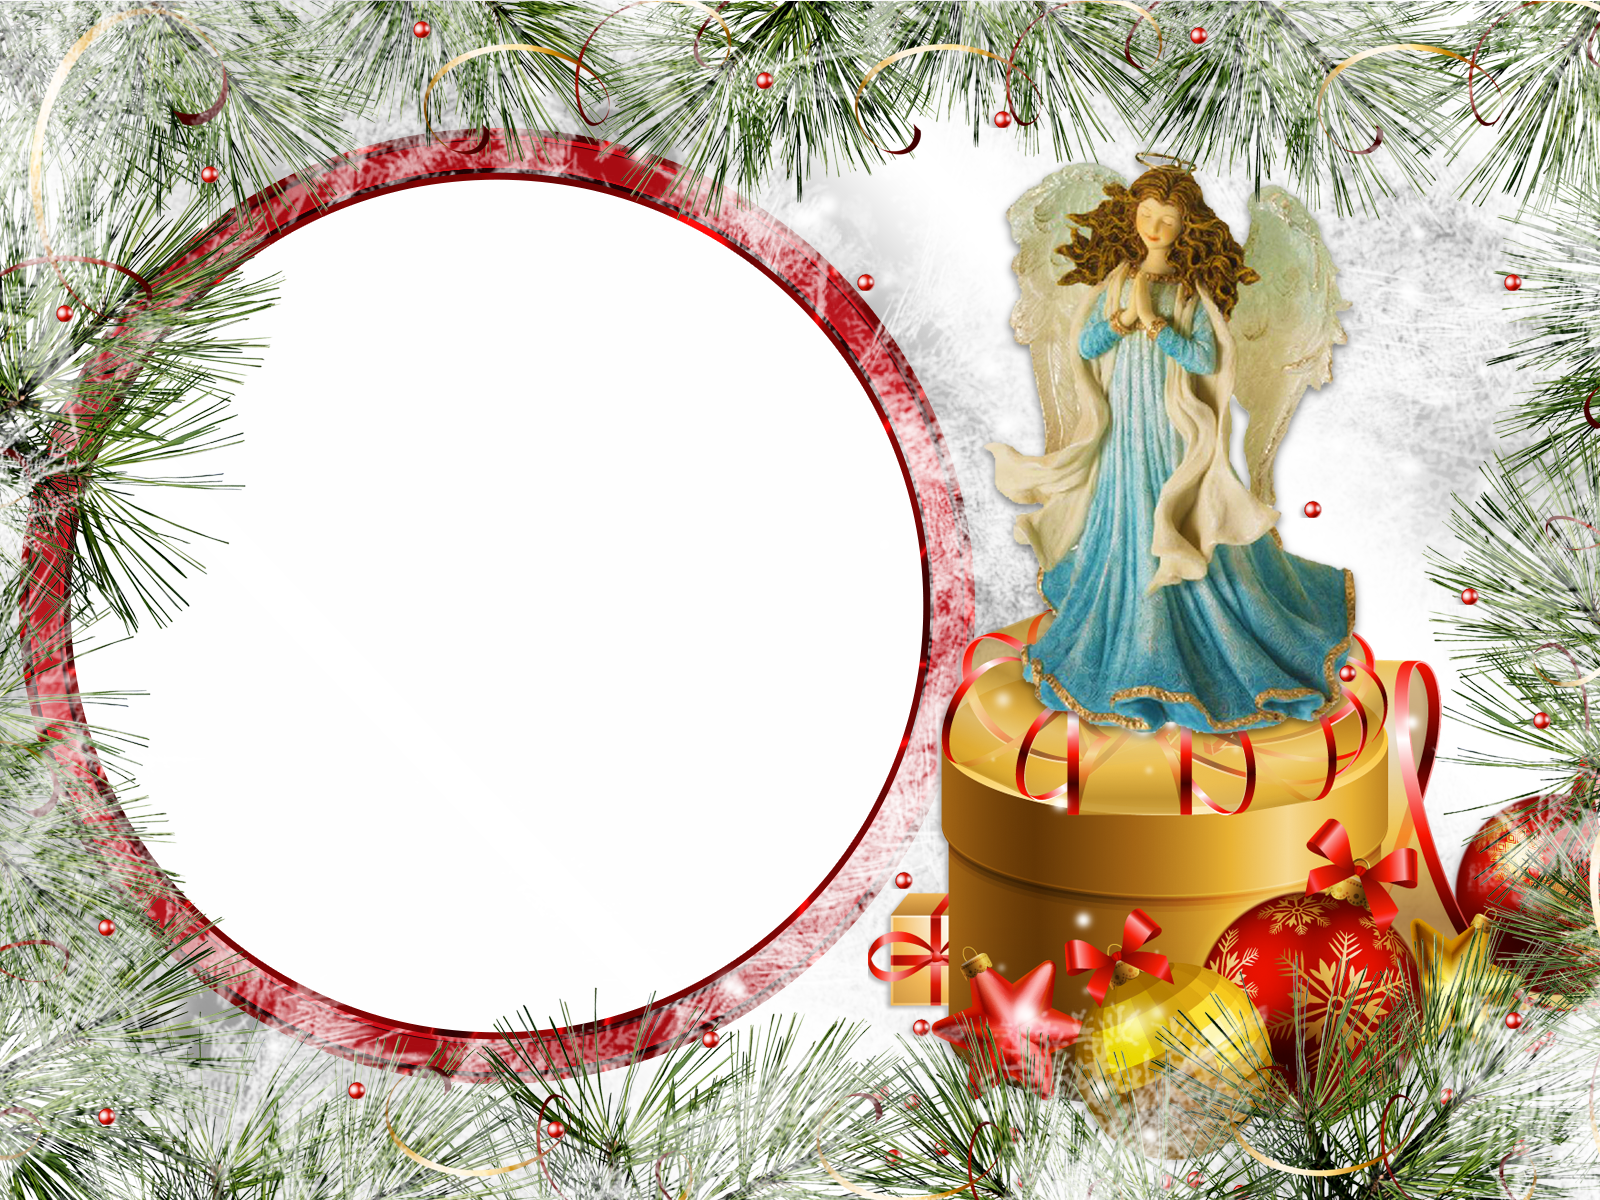 Фоторамка Фоторамка с ангелом Фоторамка для фотошопа, PNG шаблон. Рождественская открытка с вашим фото. Ангел, коробка с подарками, елочные игрушки, шары, елка.